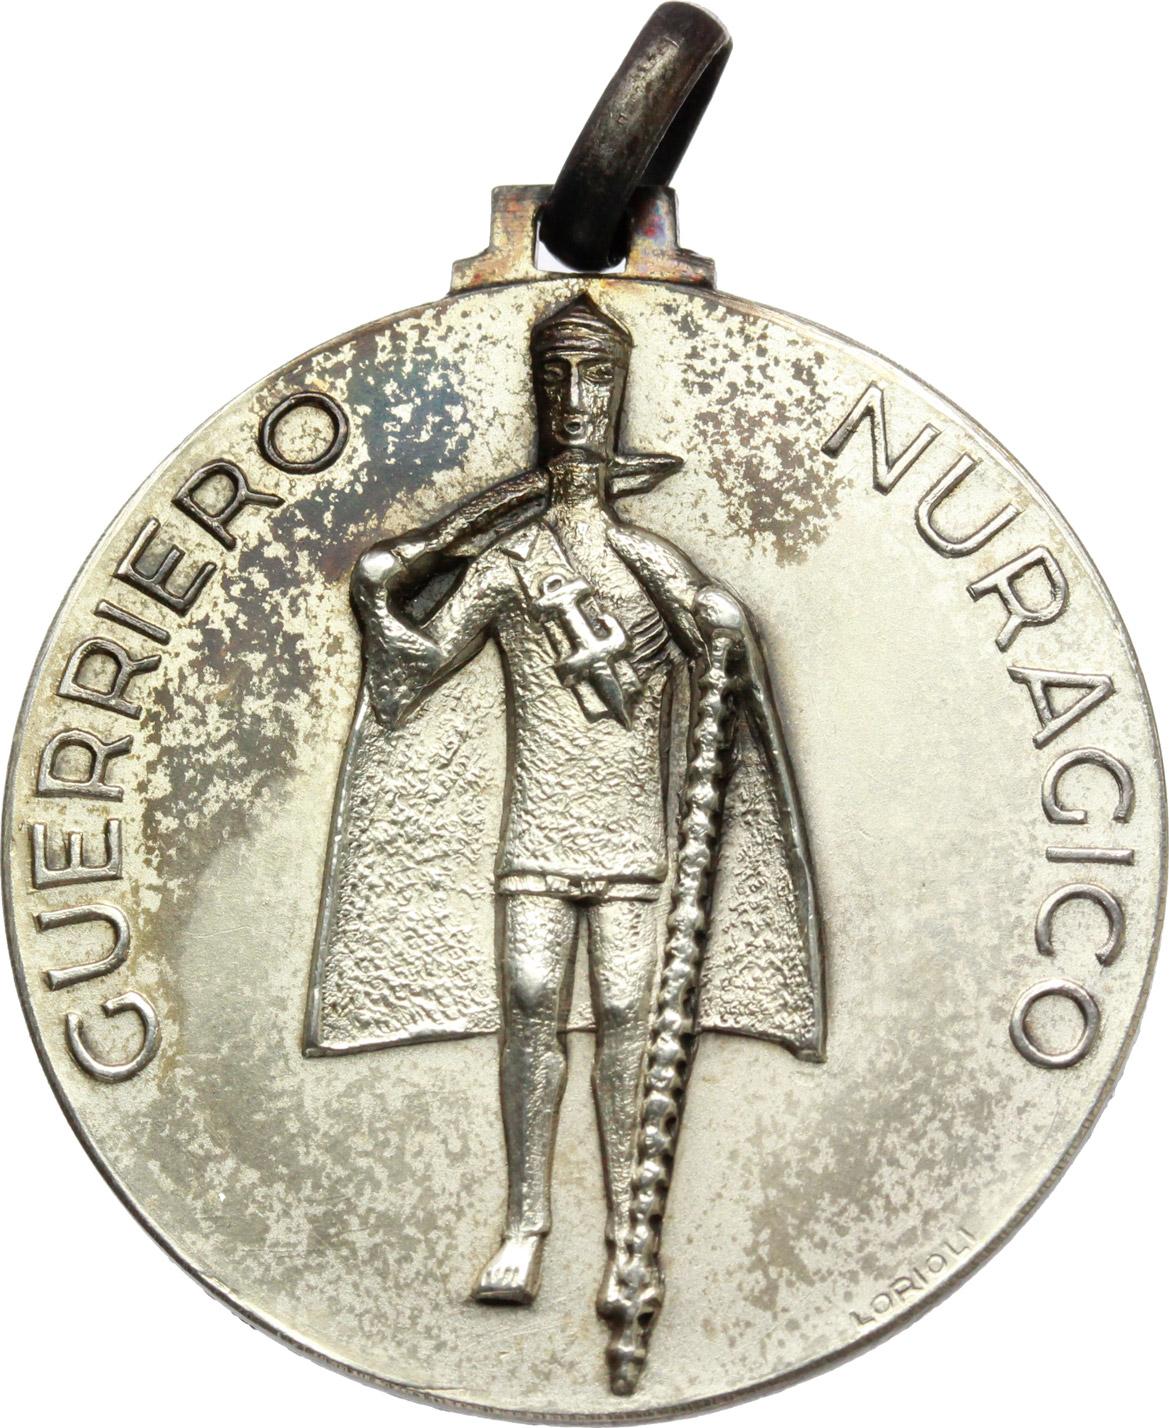 D/  Medaglia Guerriero Nuragico. Corpo delle guardie di P.S. XIII zona Sardegna.     MB.   mm. 32.60    SPL.